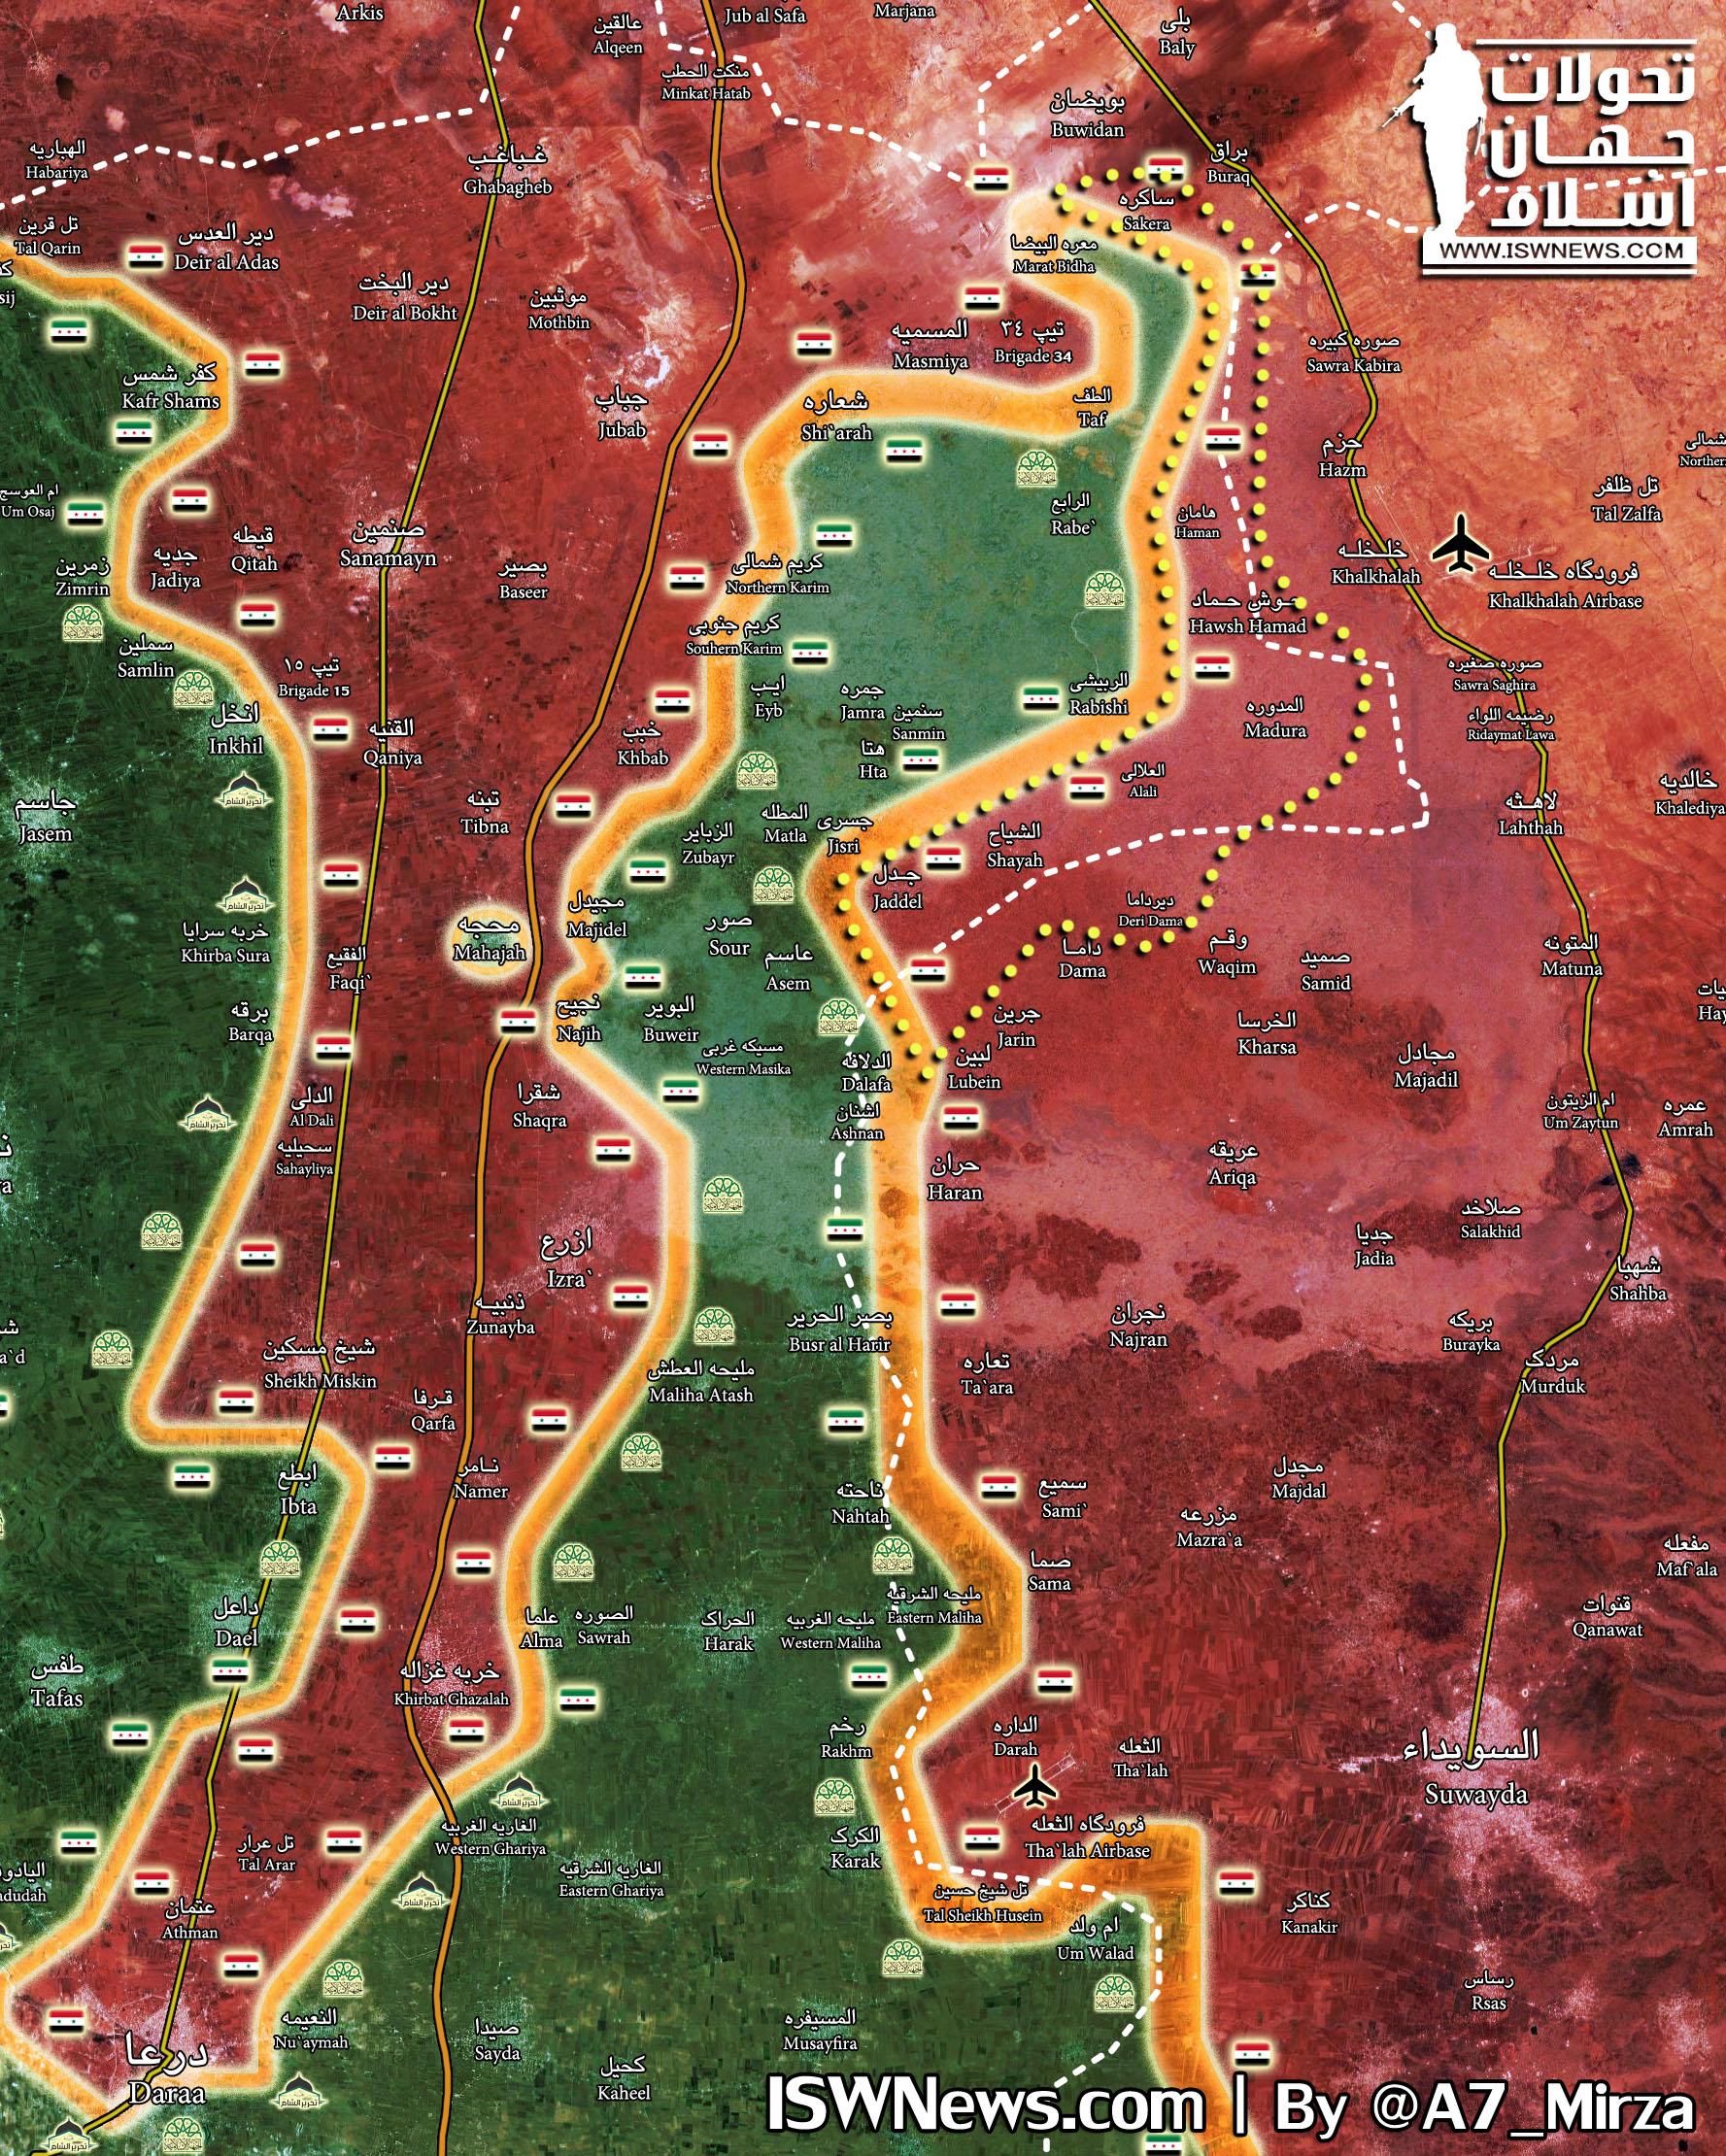 시리아 정부군 다라 총공세 1단계 완료 및 동부 사막 I..